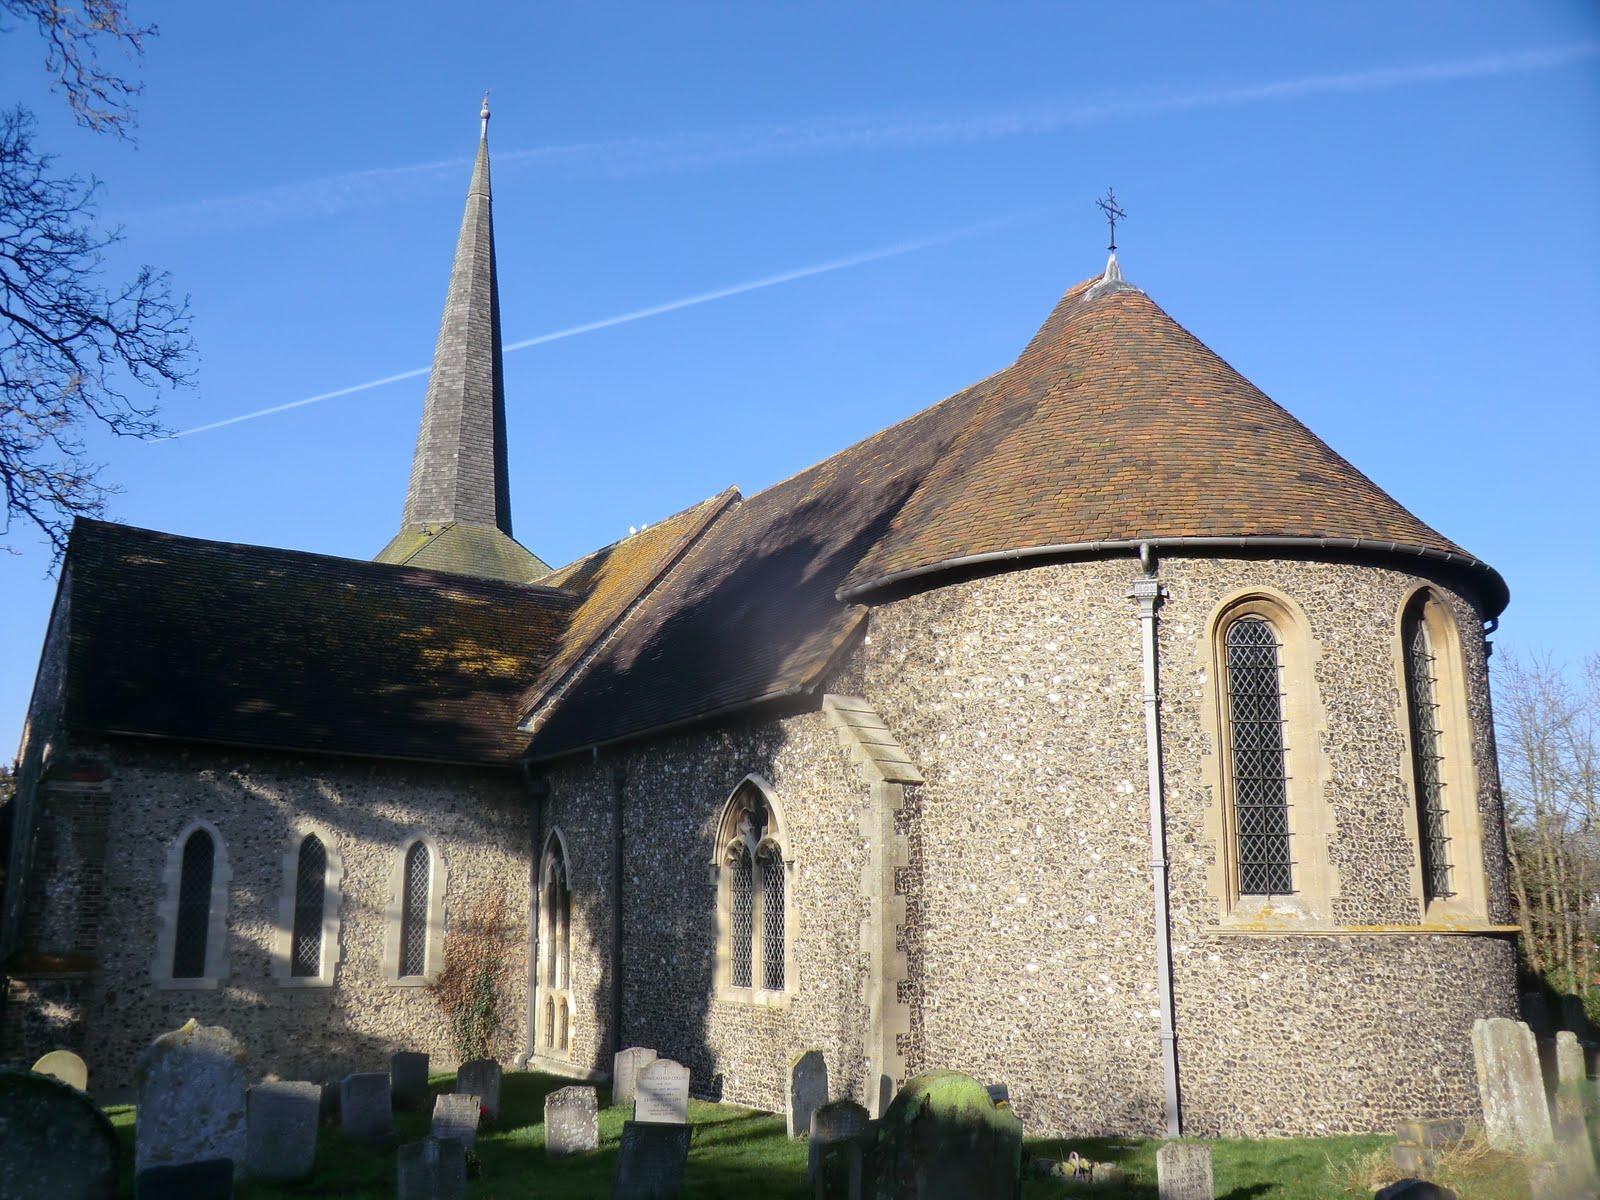 CIMG8341 St Martin's church, Eynsford